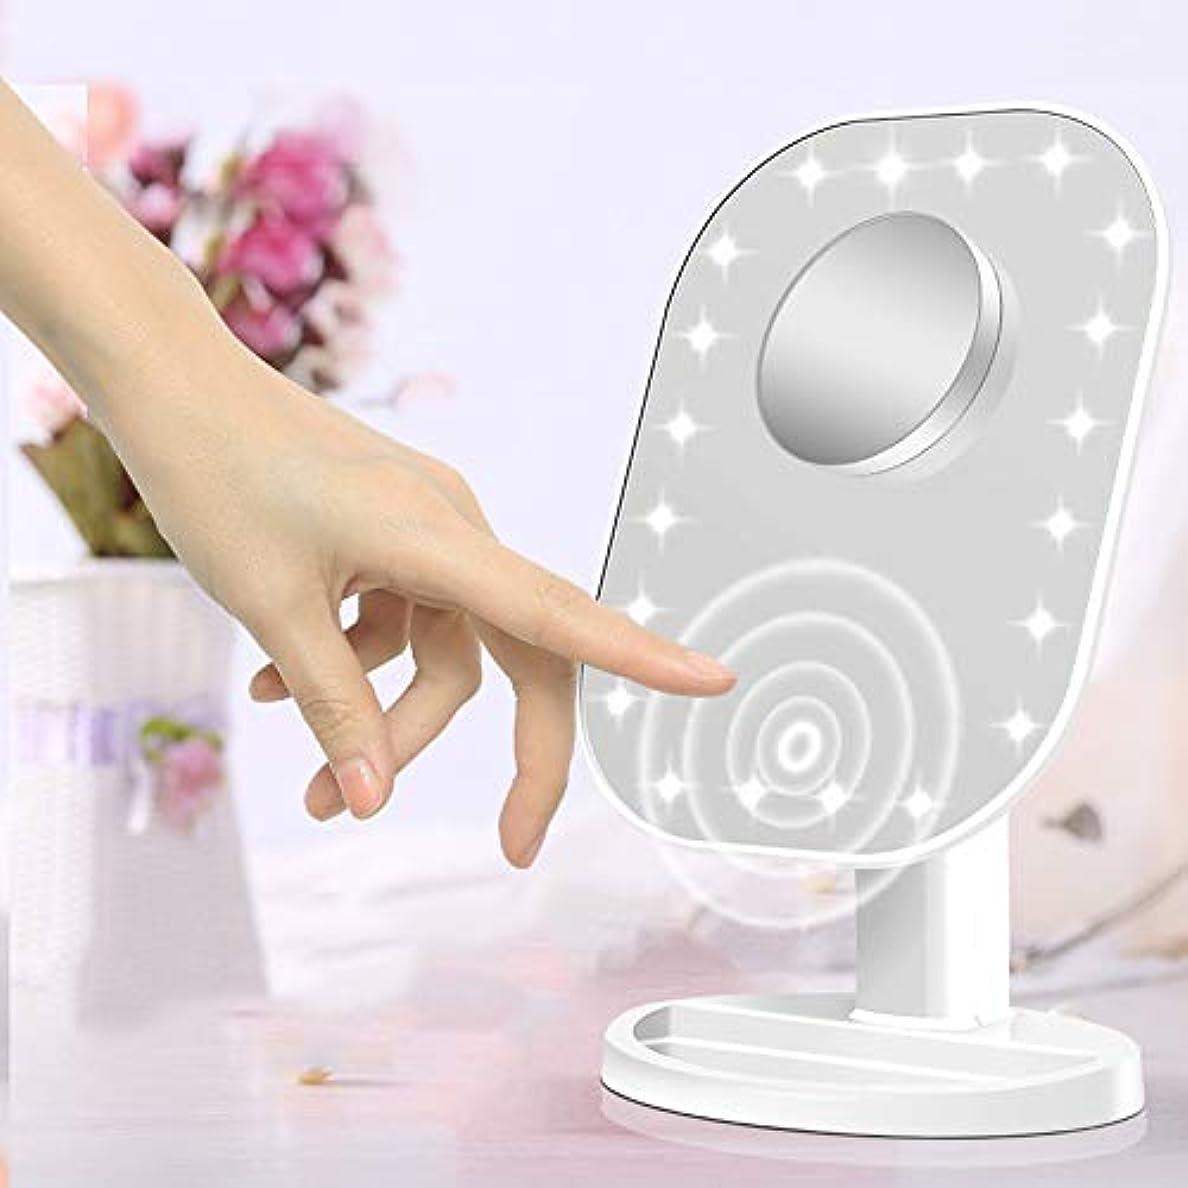 体操つま先はず流行の 新しいデスクトップクリエイティブタッチセンサーled化粧鏡10倍拡大美容化粧鏡フィルライト化粧鏡ピンクホワイト (色 : Pink)